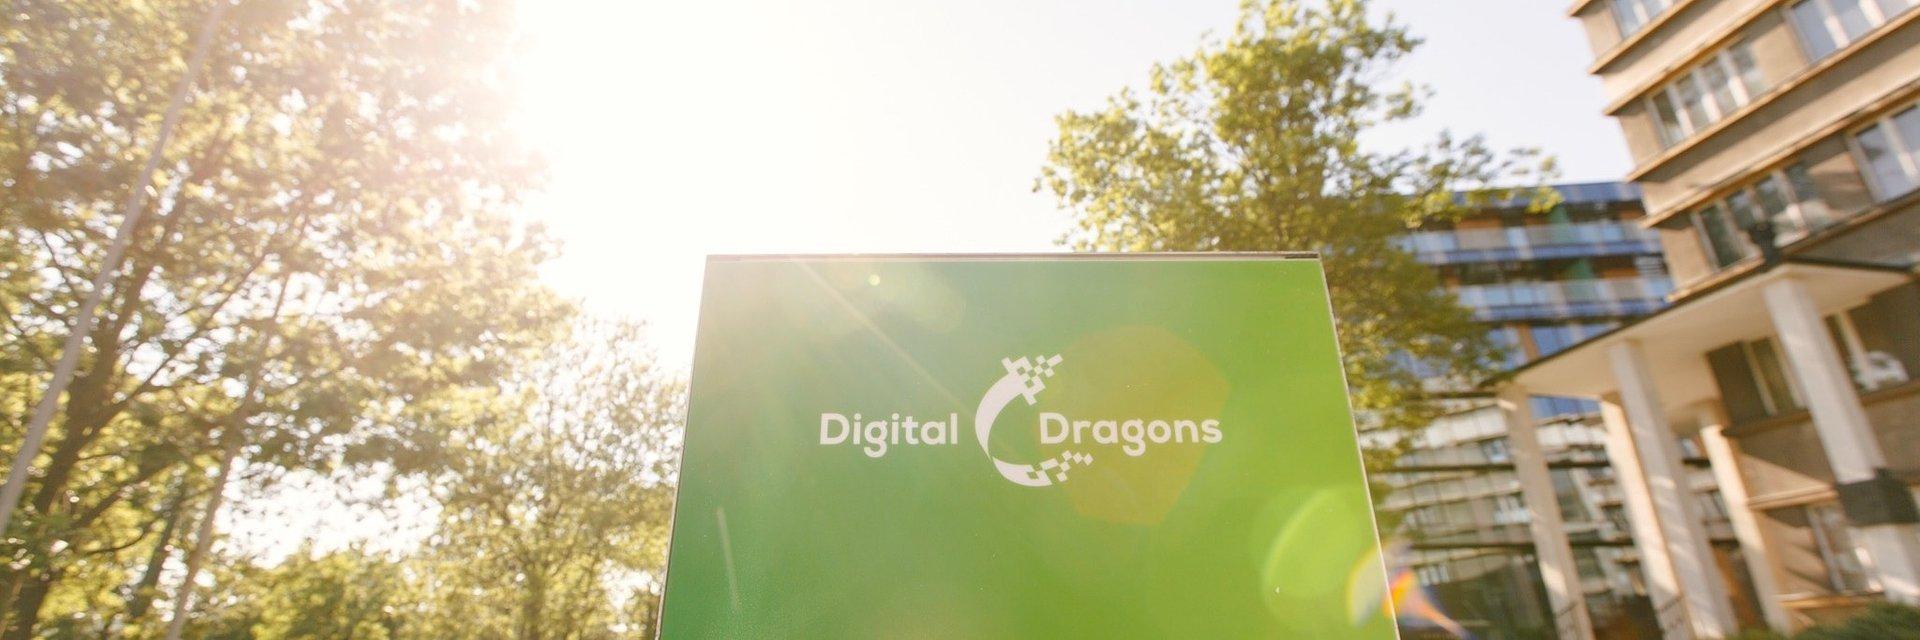 Tylko 7 dni dzieli nas od jednego z najważniejszych wydarzeń w branży gier - Digital Dragons 2020